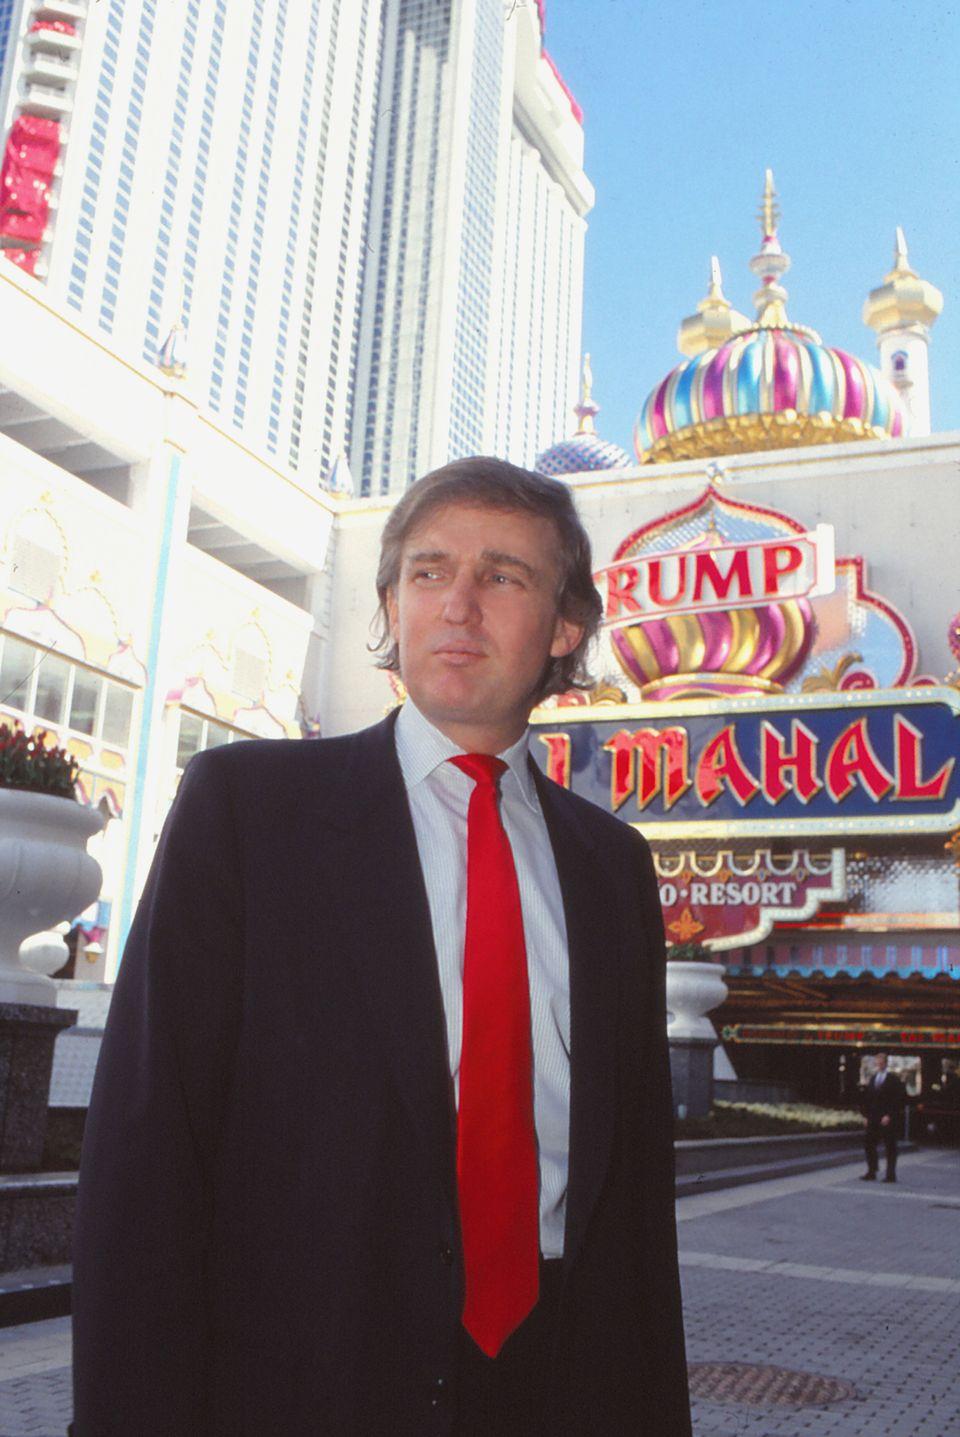 도널드 트럼프의 가장 큰 사업적 실패 사례로 꼽히는 '타지마할 호텔 카지노'. 뉴저지주 애틀랜틱시티에 문을 연 트럼프 소유 세 번째 카지노였던 이곳에서 나온 수익은 인수 당시에 끌어들인...